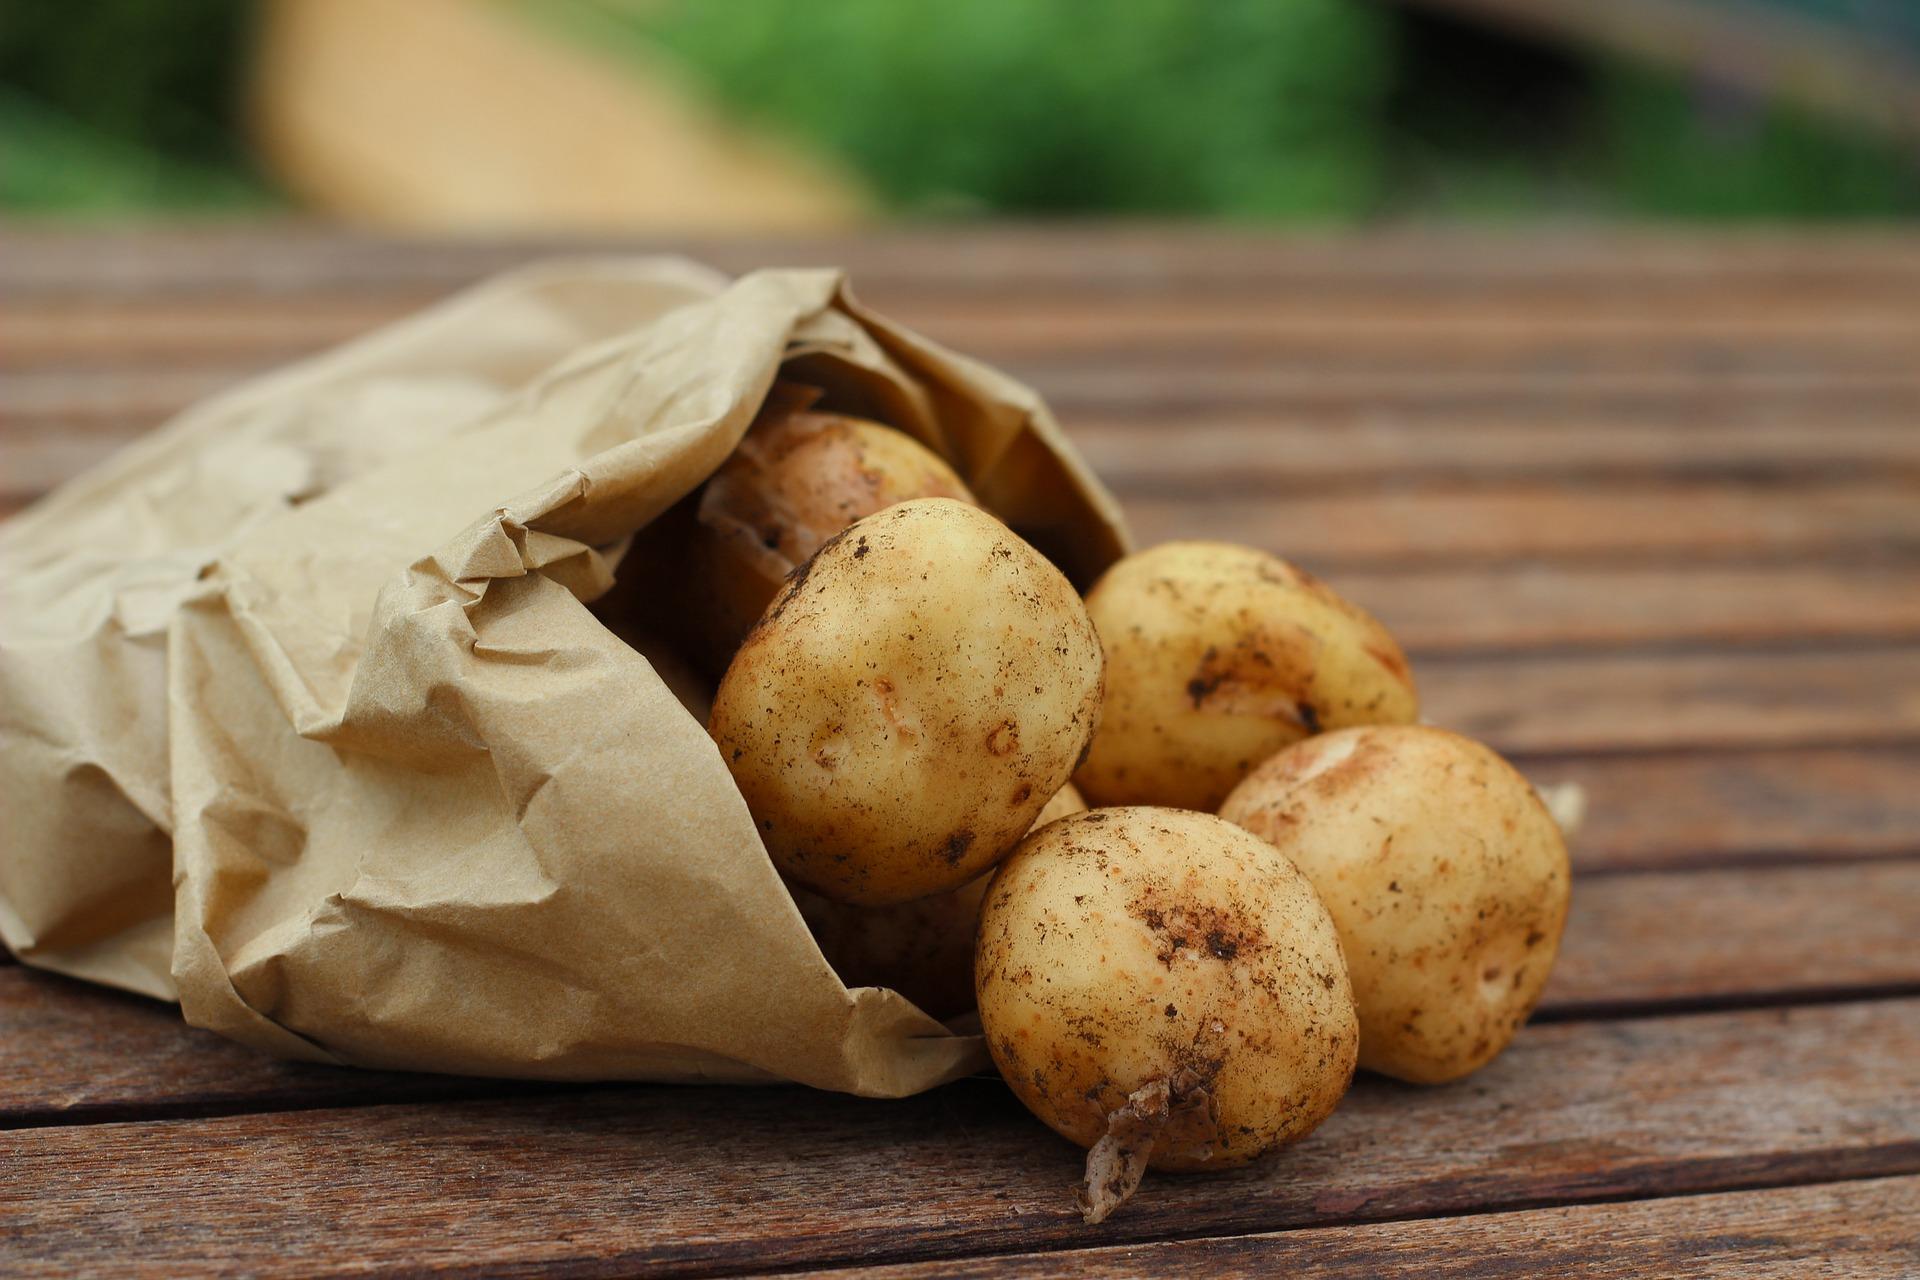 Ziemniaki w sklepach muszą być znakowane symbolem flagi kraju pochodzenia